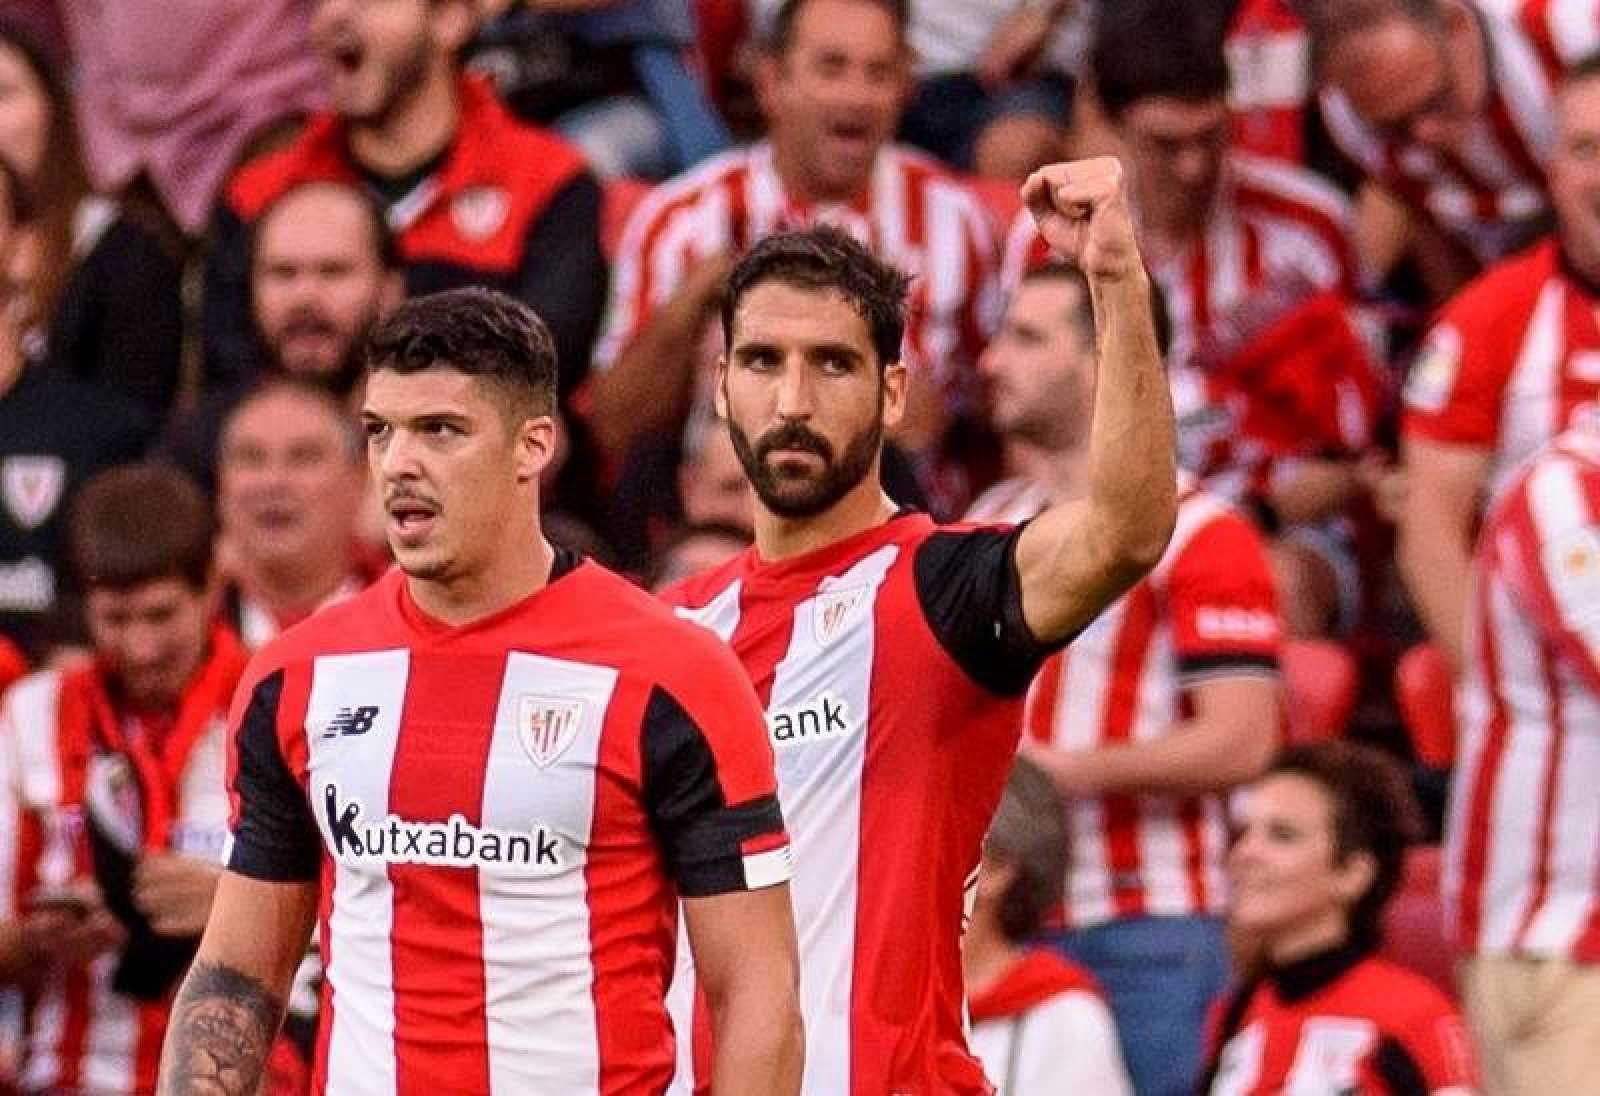 Athletic Bilbao - Alavés